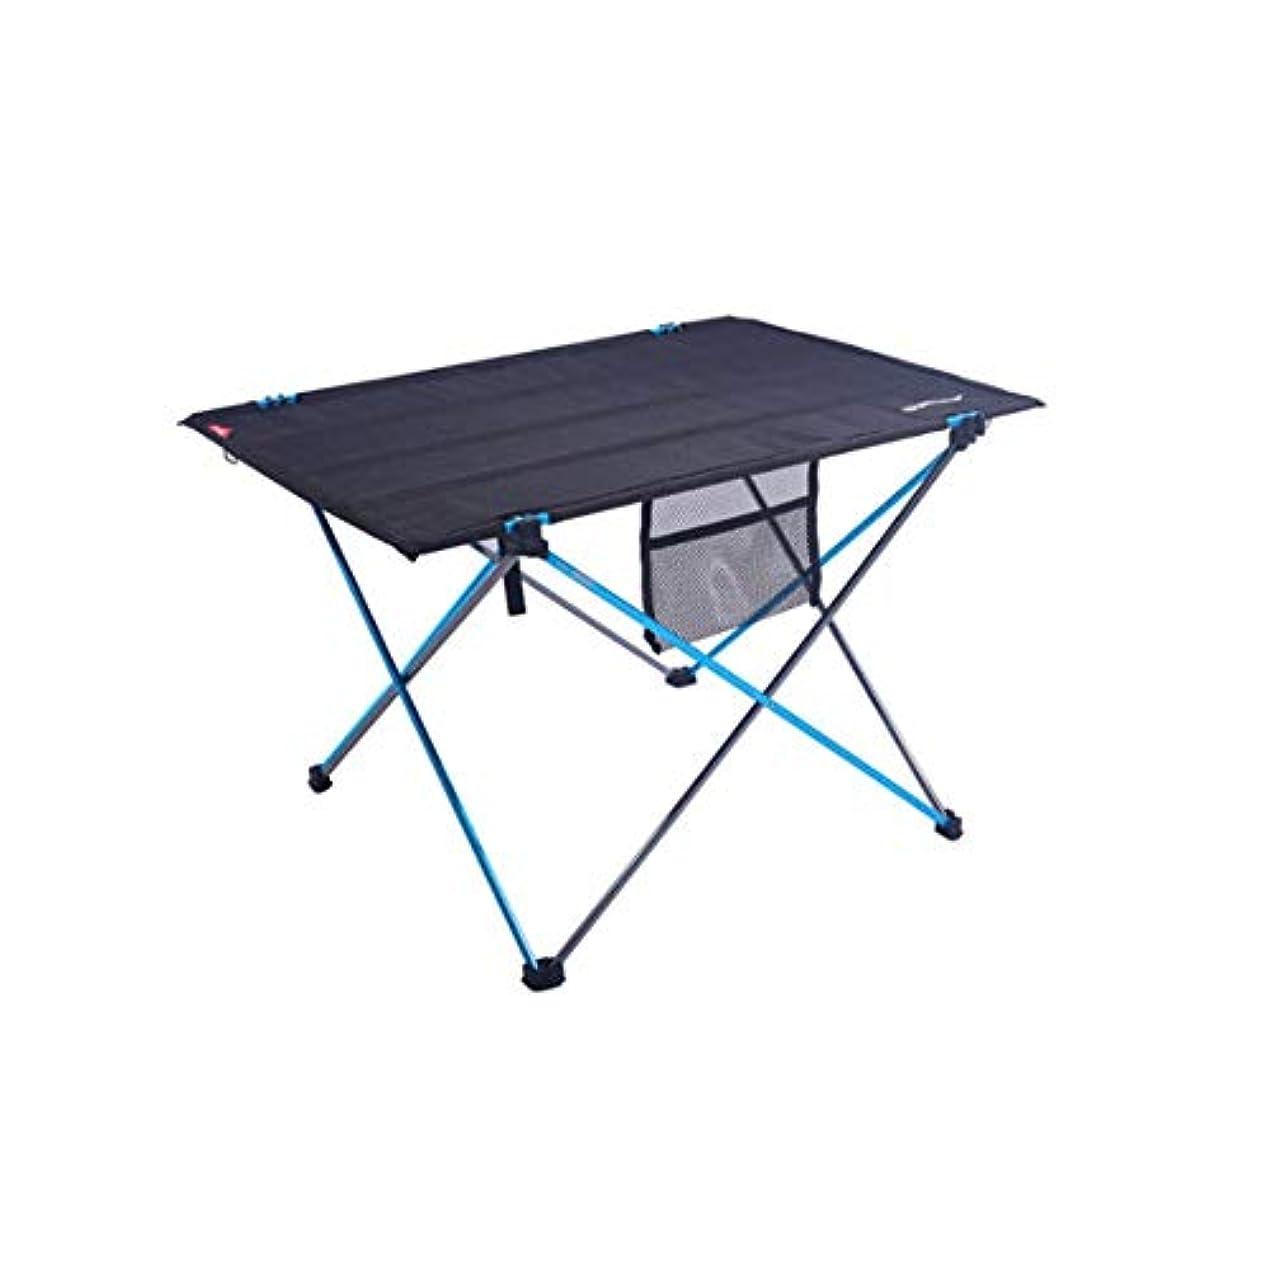 ドットクランプパースブラックボロウテーブル 屋外テーブル バーベキューテーブル レジャーテーブル キャンピングに厚い折りたたみテーブル750g